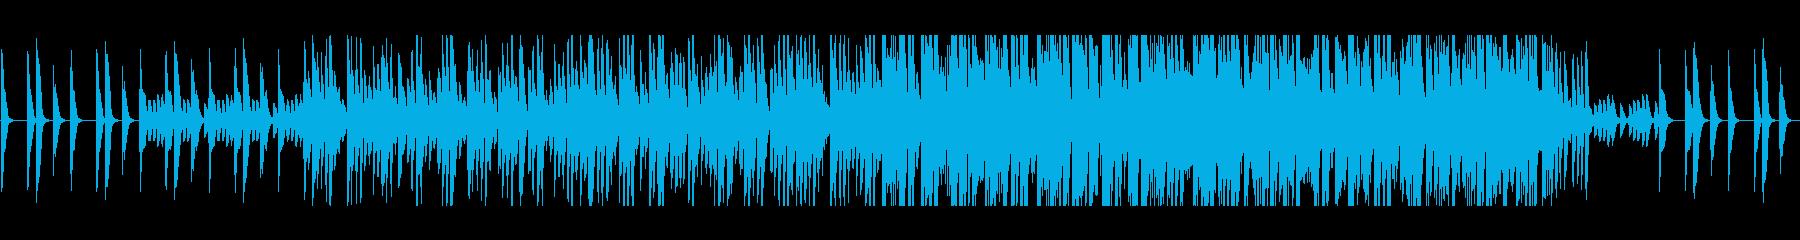 ふわふわした不思議なリズムピアノの曲の再生済みの波形